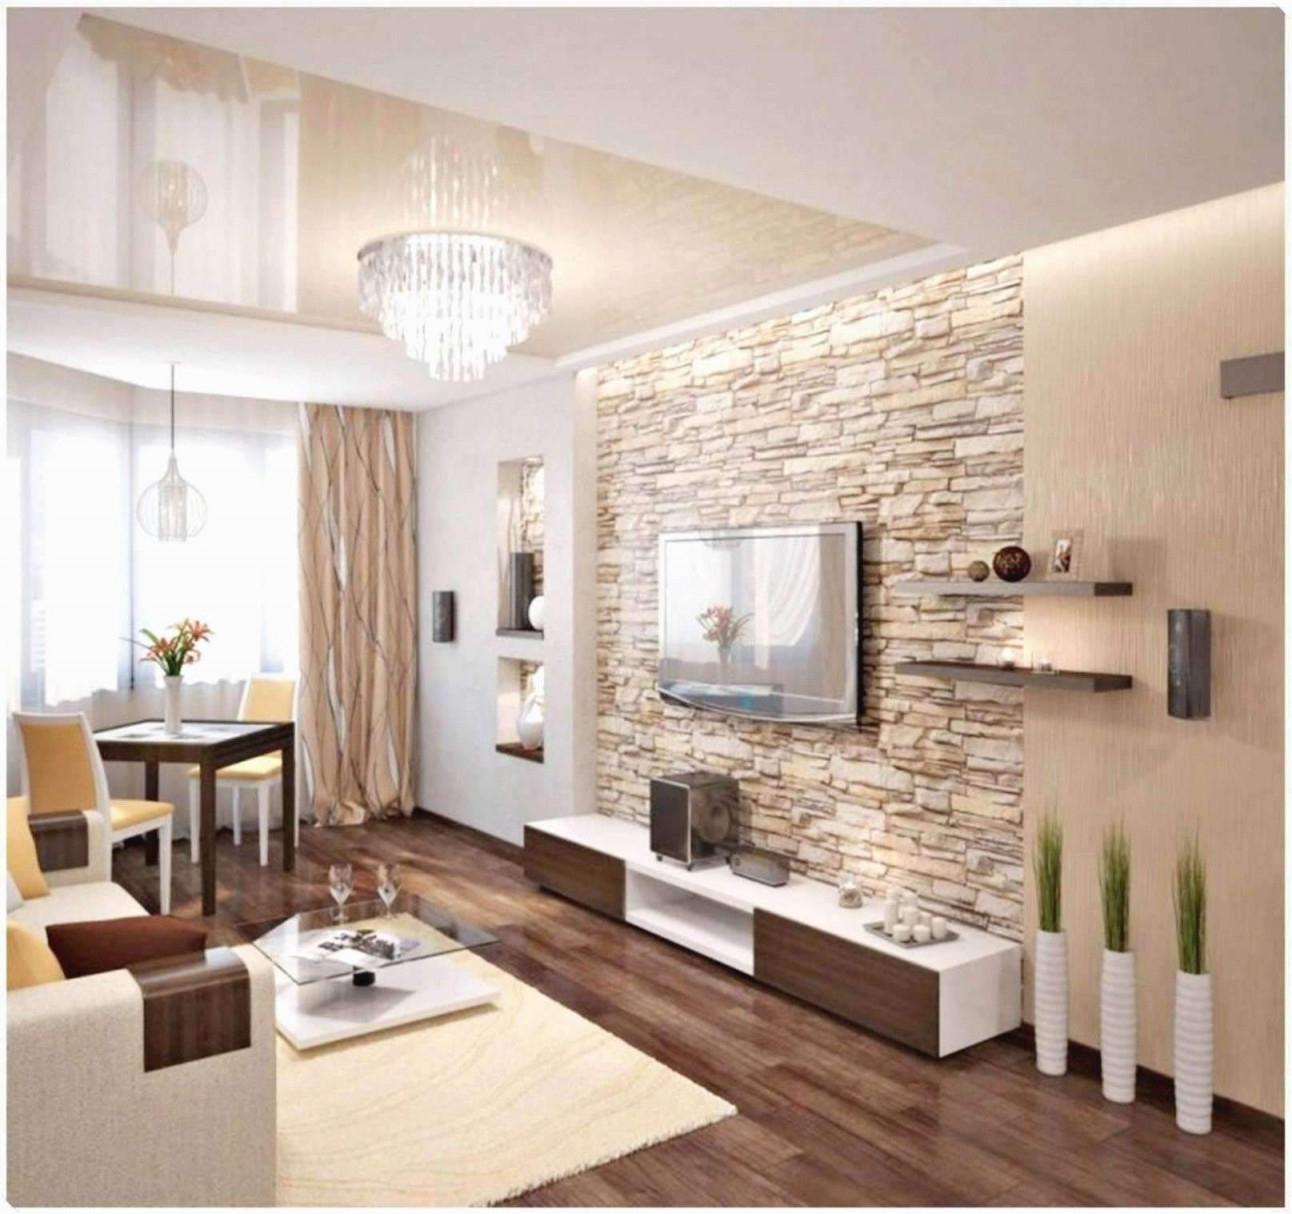 29 Luxus Wohnzimmer Einrichten Ideen Genial  Wohnzimmer Frisch von Wohnzimmer Mit Holz Gestalten Bild